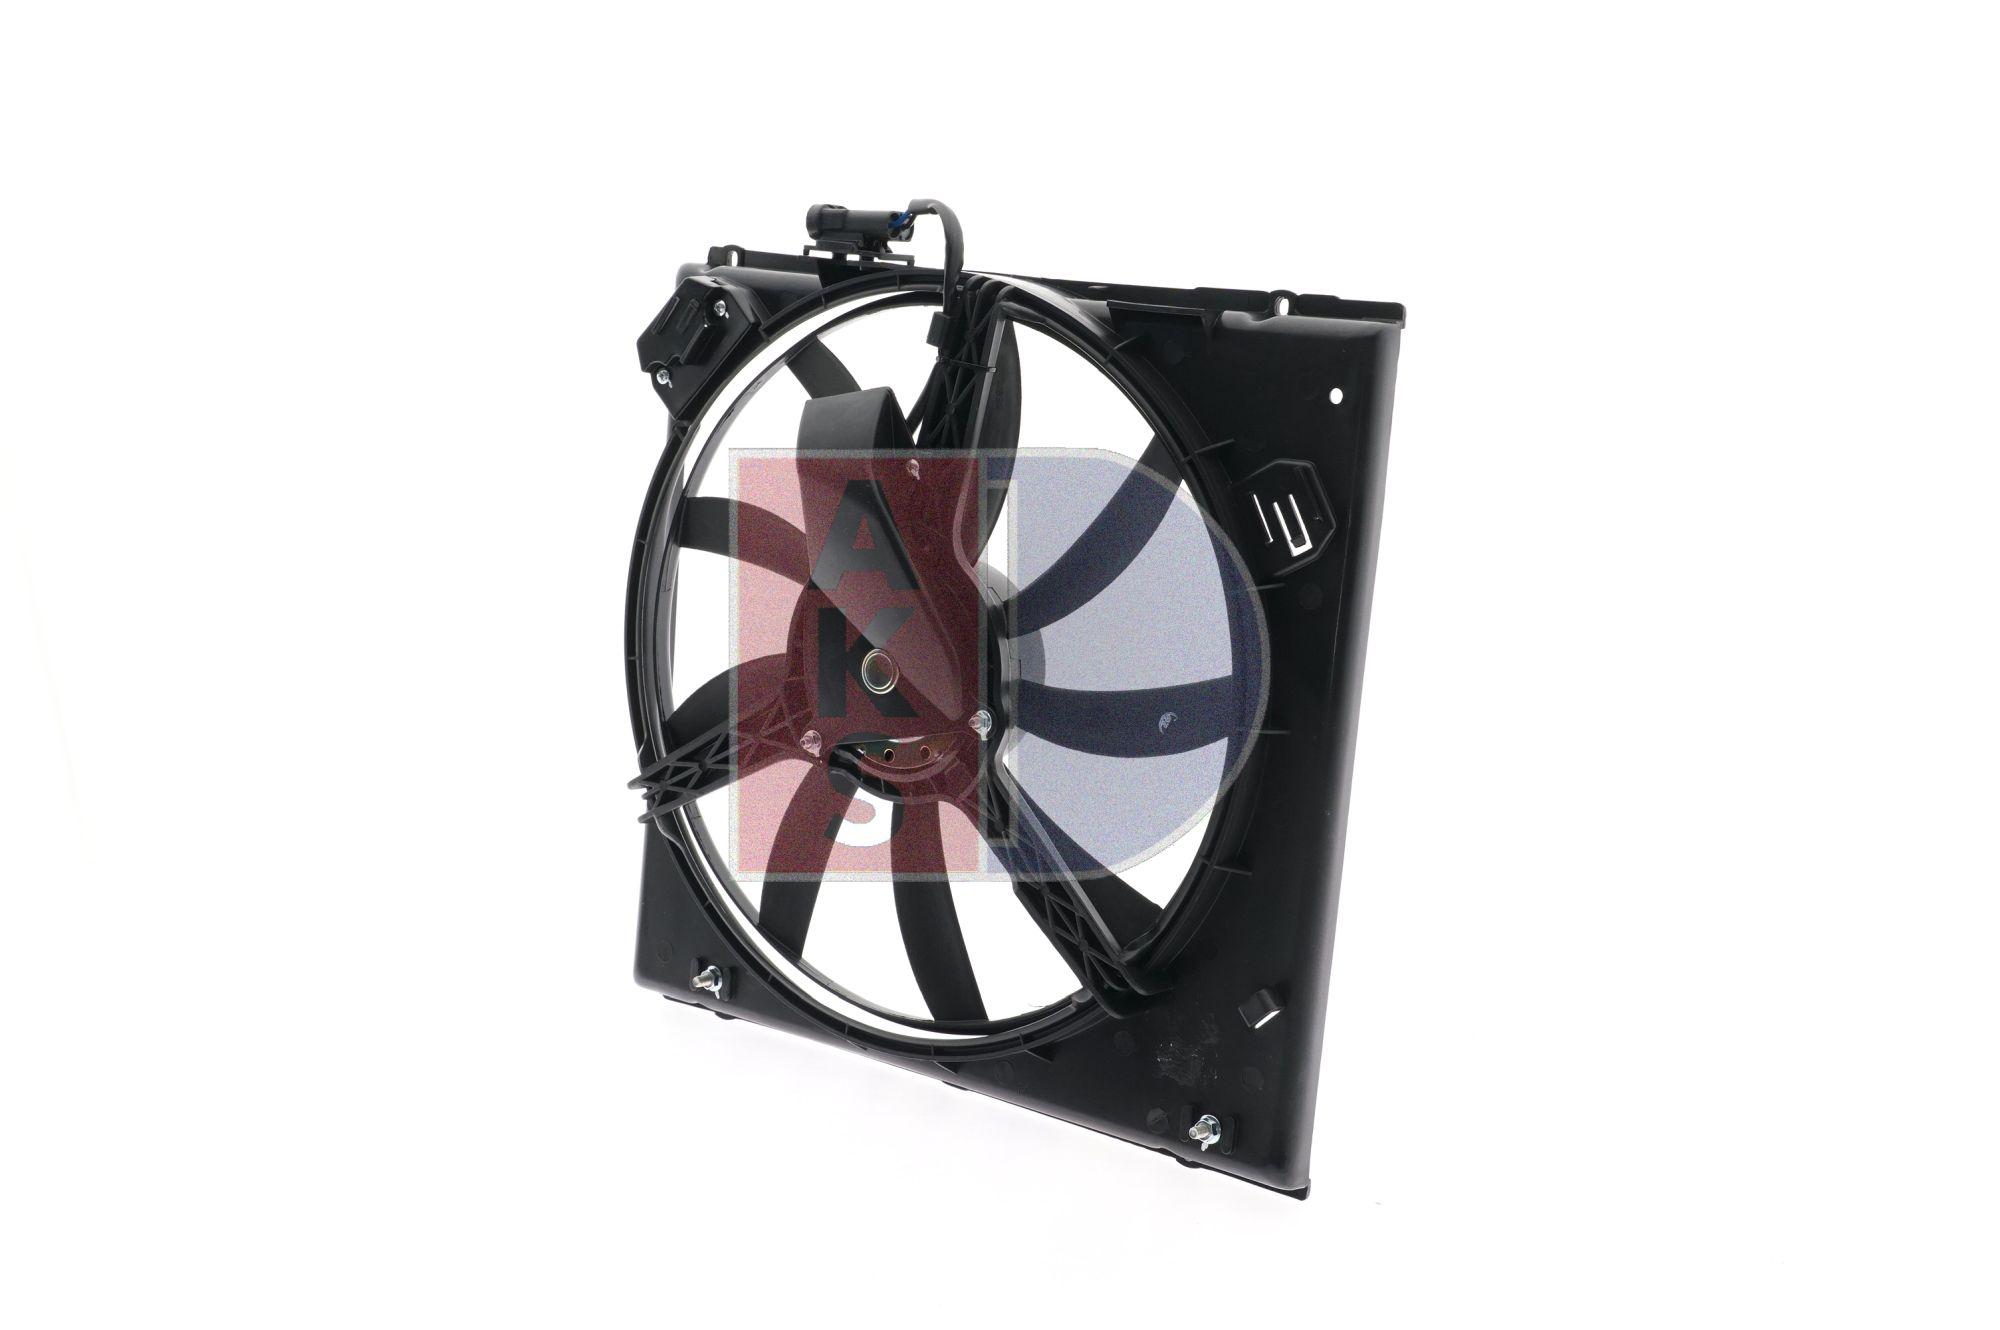 AKS DASIS 188034N : Ventilateur de refroidissement pour Twingo c06 1.2 2003 58 CH à un prix avantageux